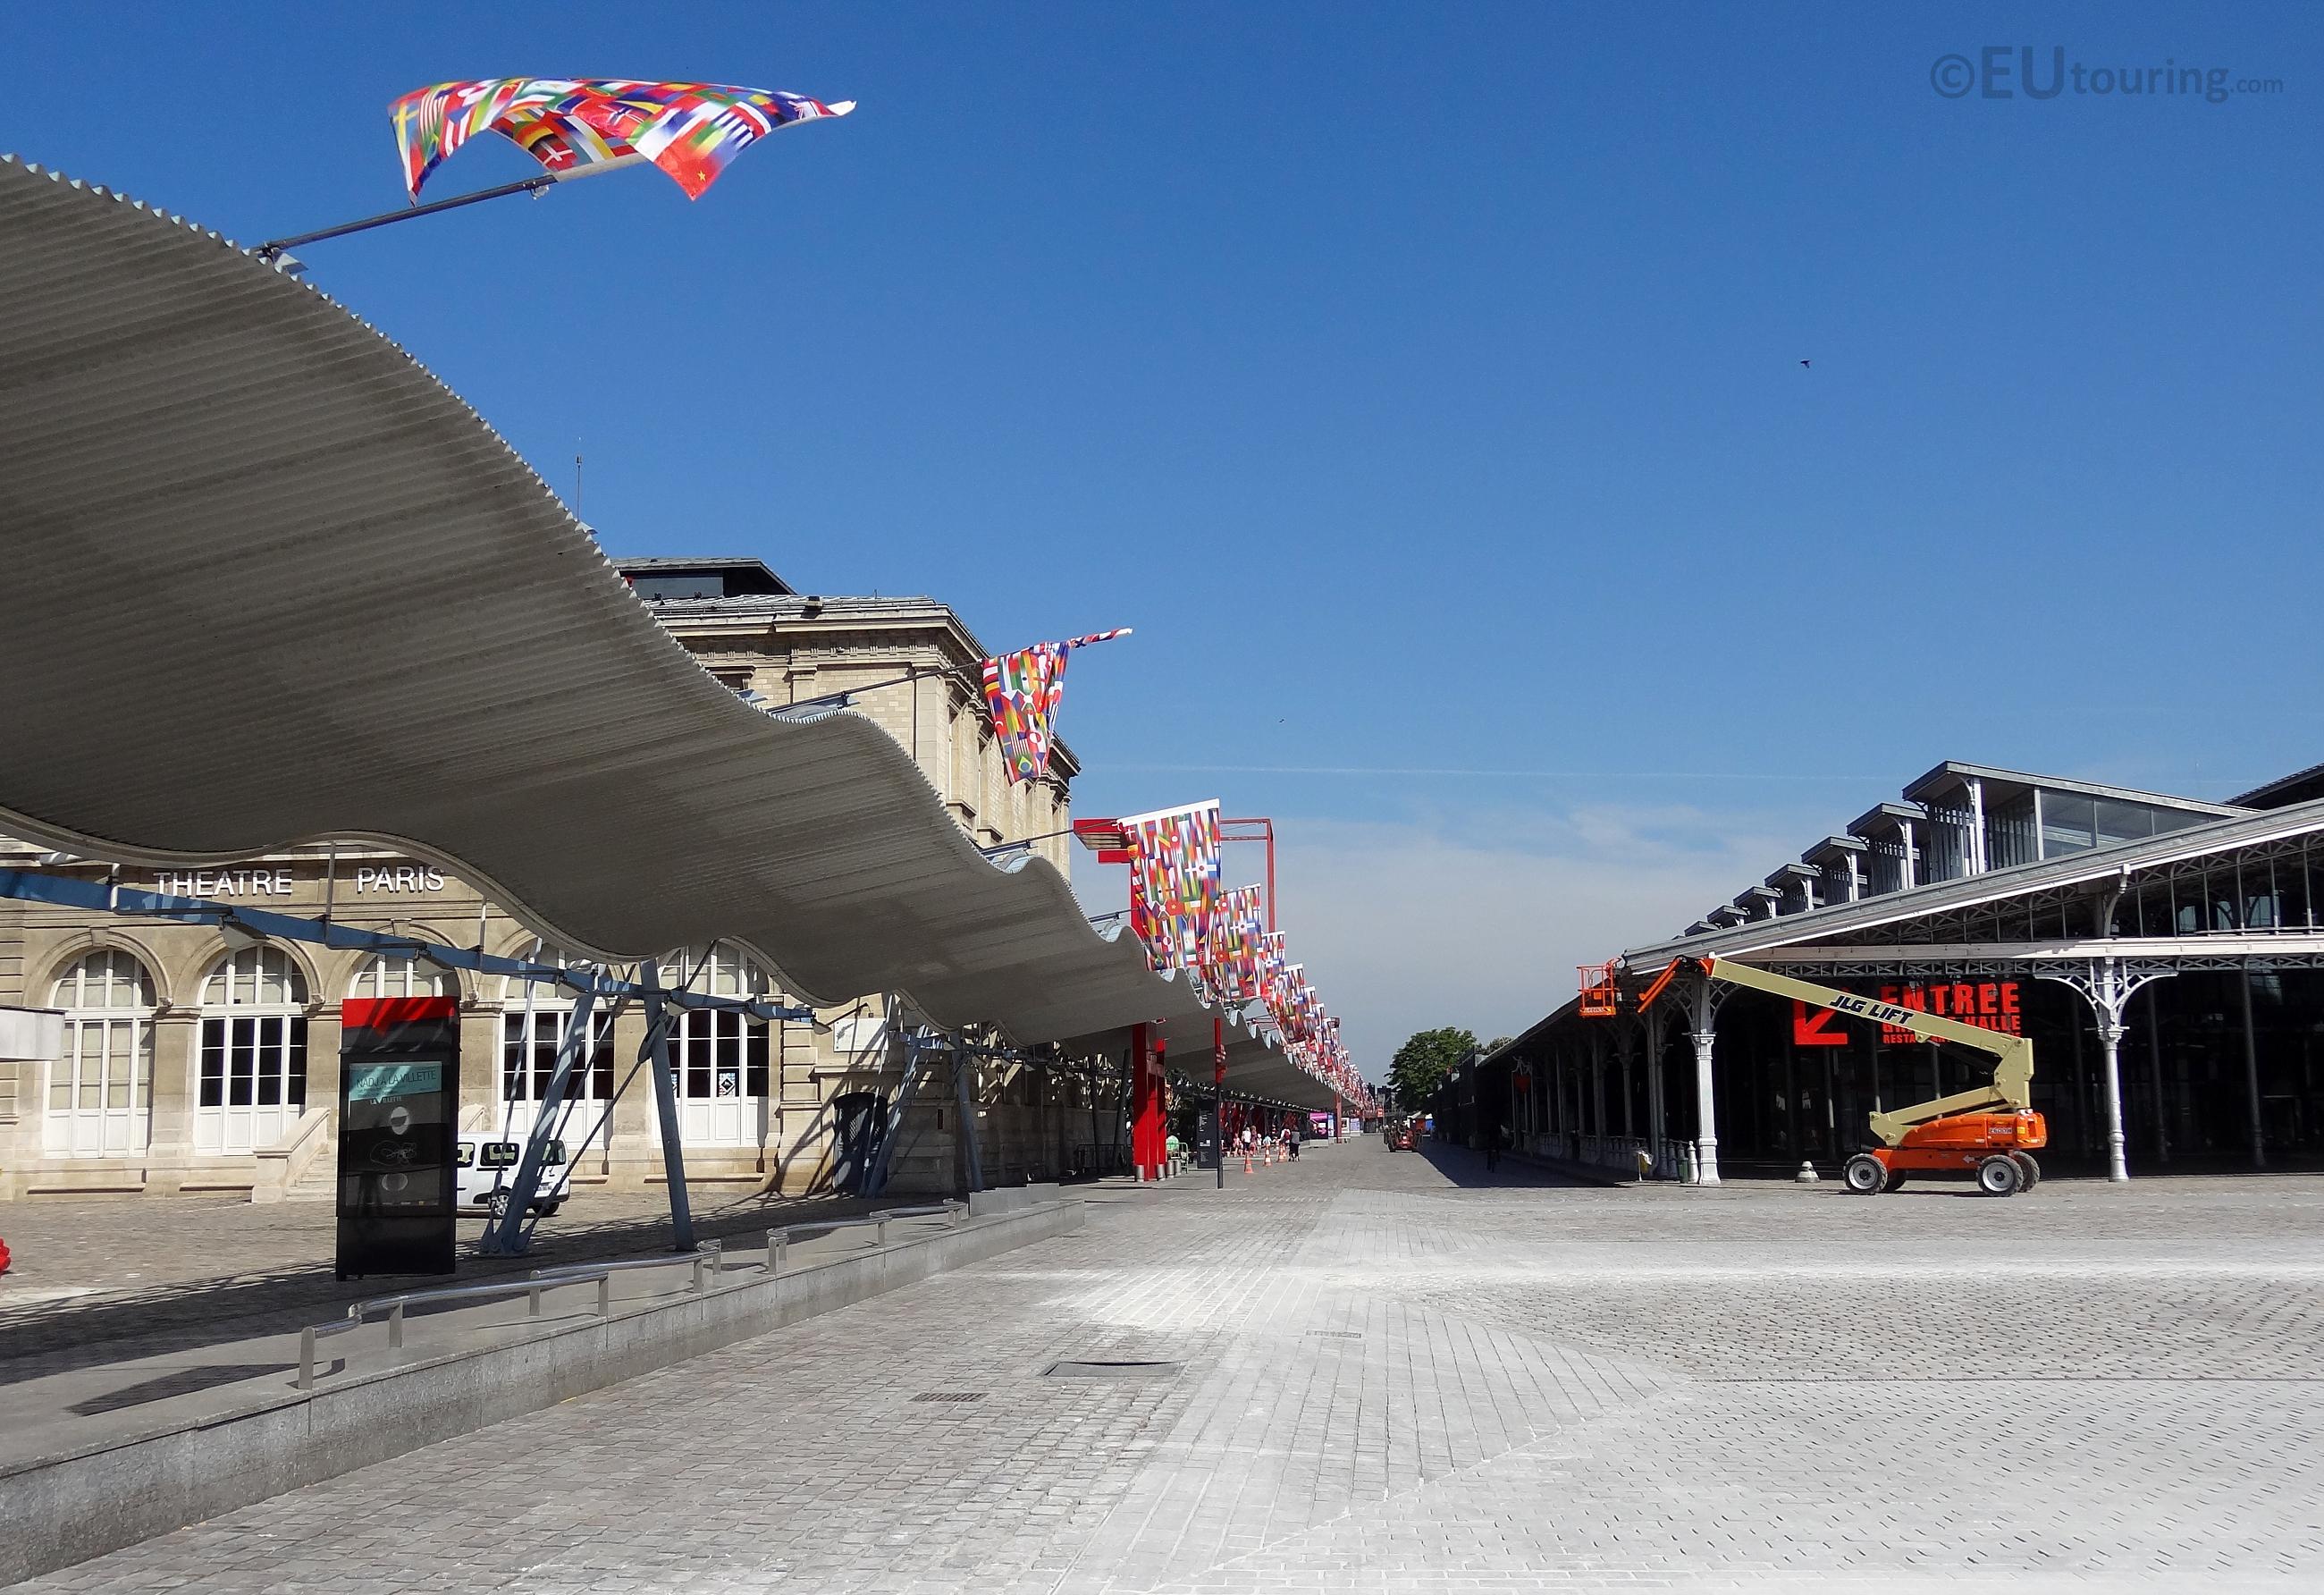 Galerie de la Villette and flags